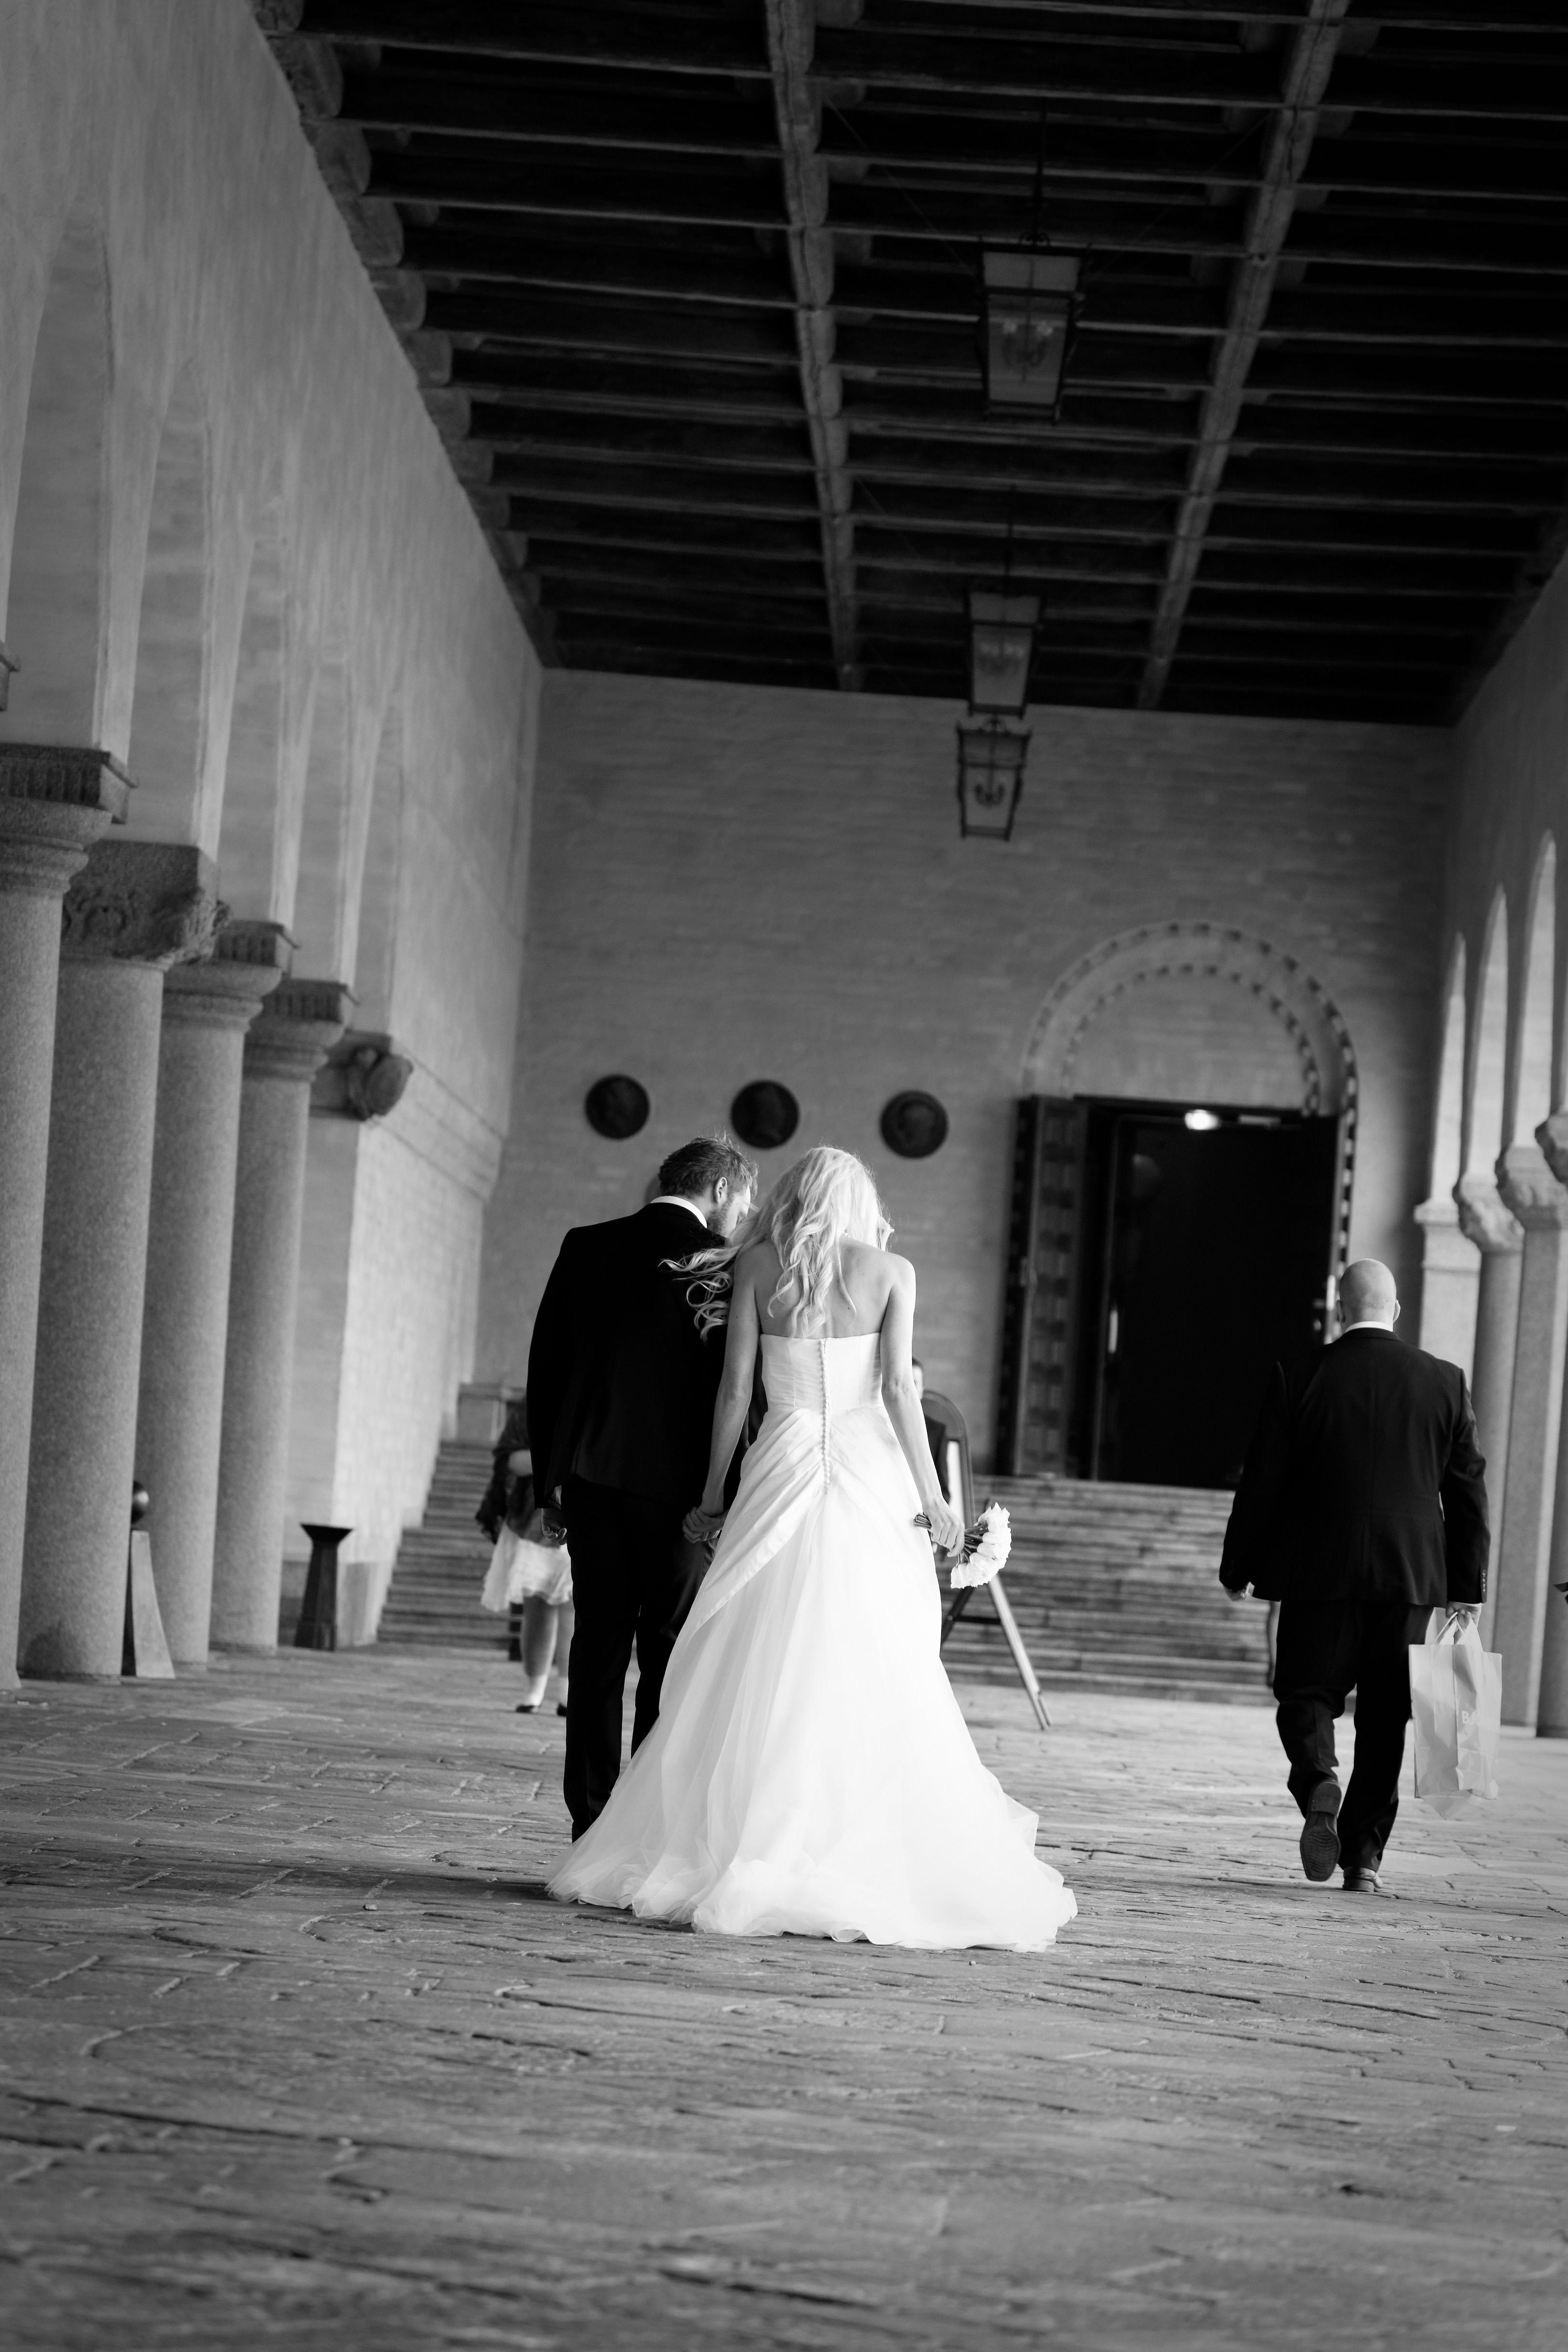 Bröllop - på väg in